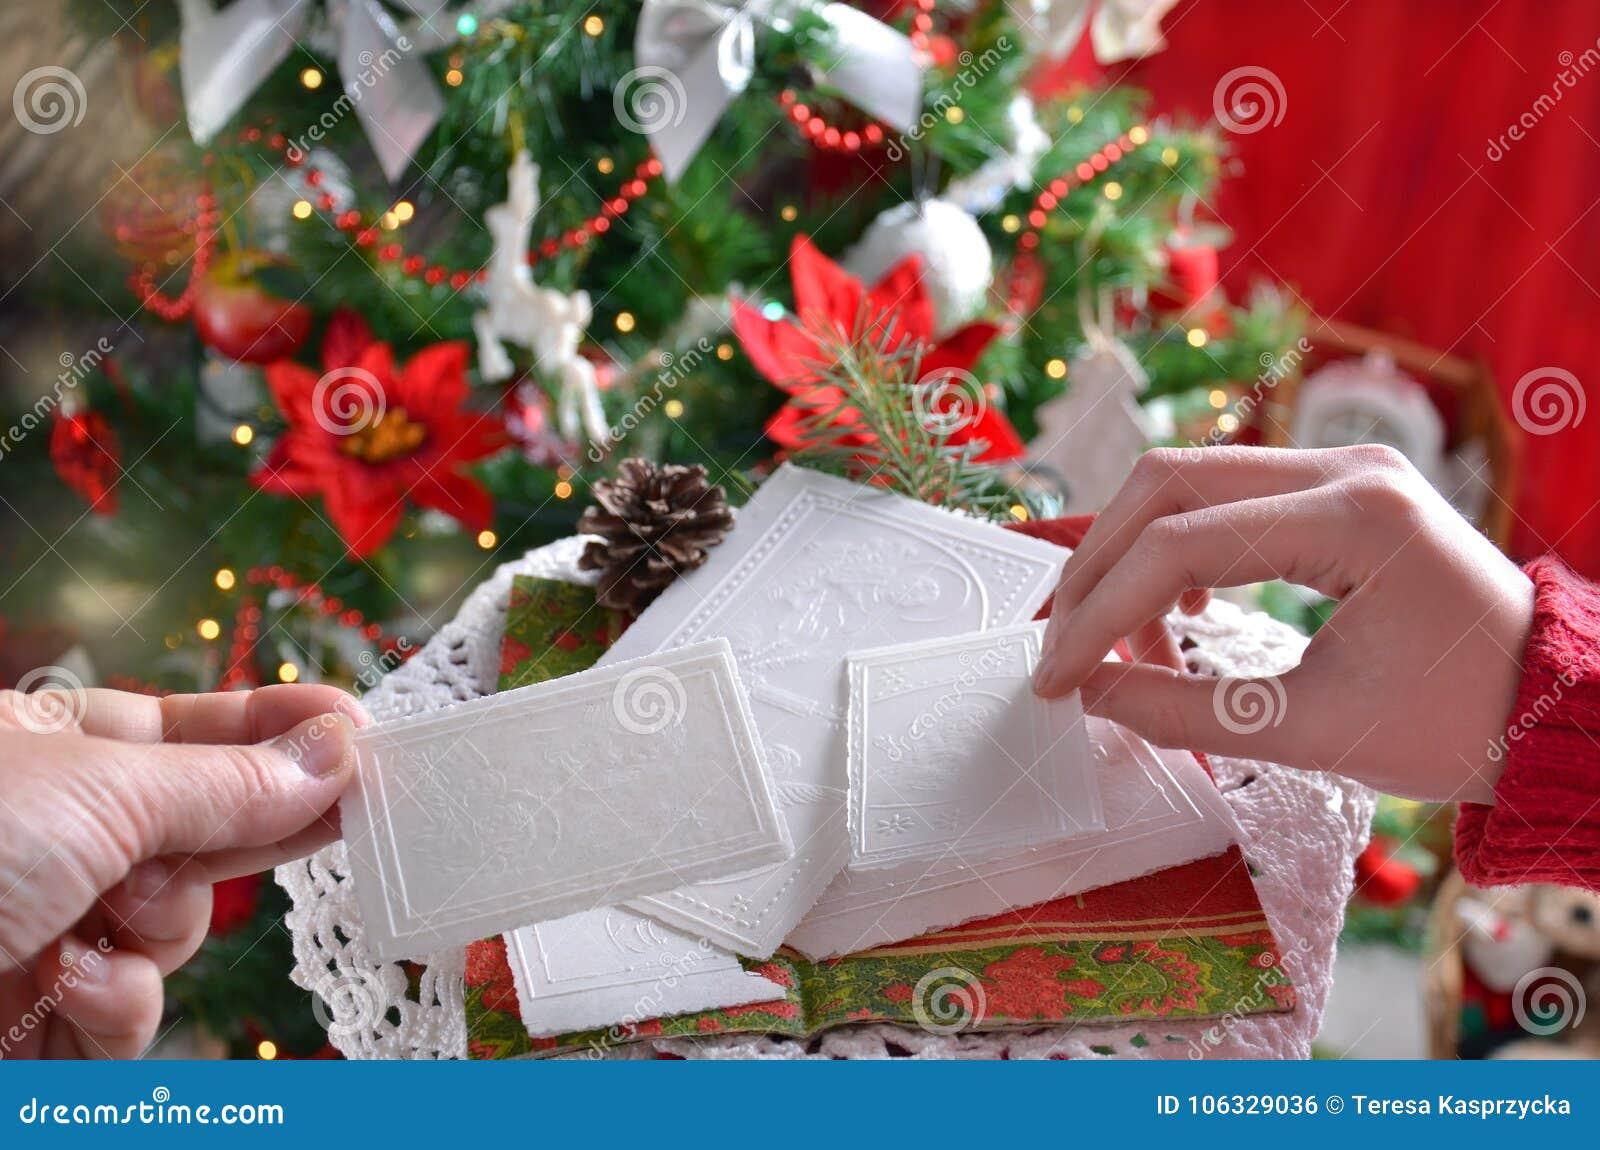 Dela rånet för julhelgdagsafton